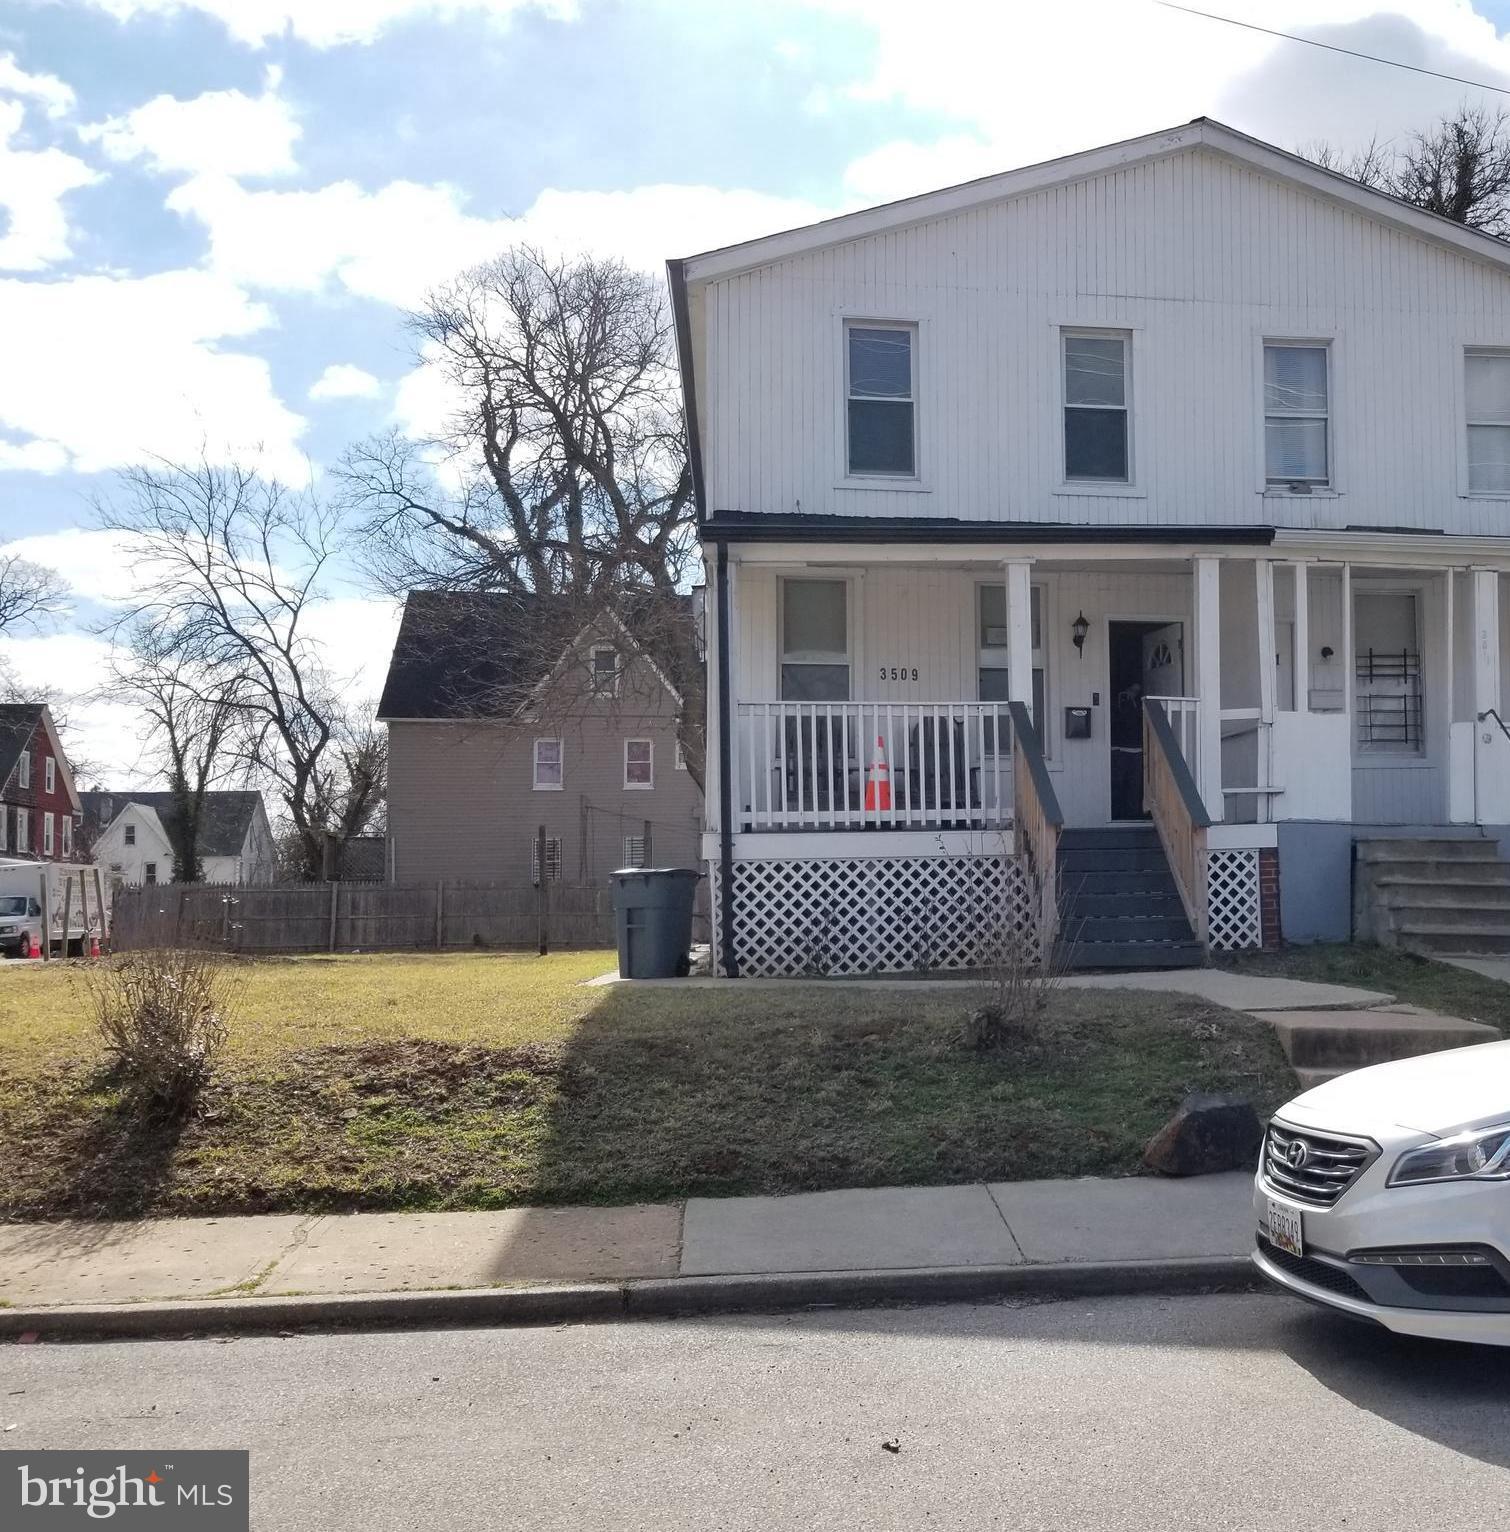 3509 HAYWARD AVENUE, BALTIMORE, Maryland 21215, 3 Bedrooms Bedrooms, ,2 BathroomsBathrooms,Townhouse,For Sale,3509 HAYWARD AVENUE,MDBA540682